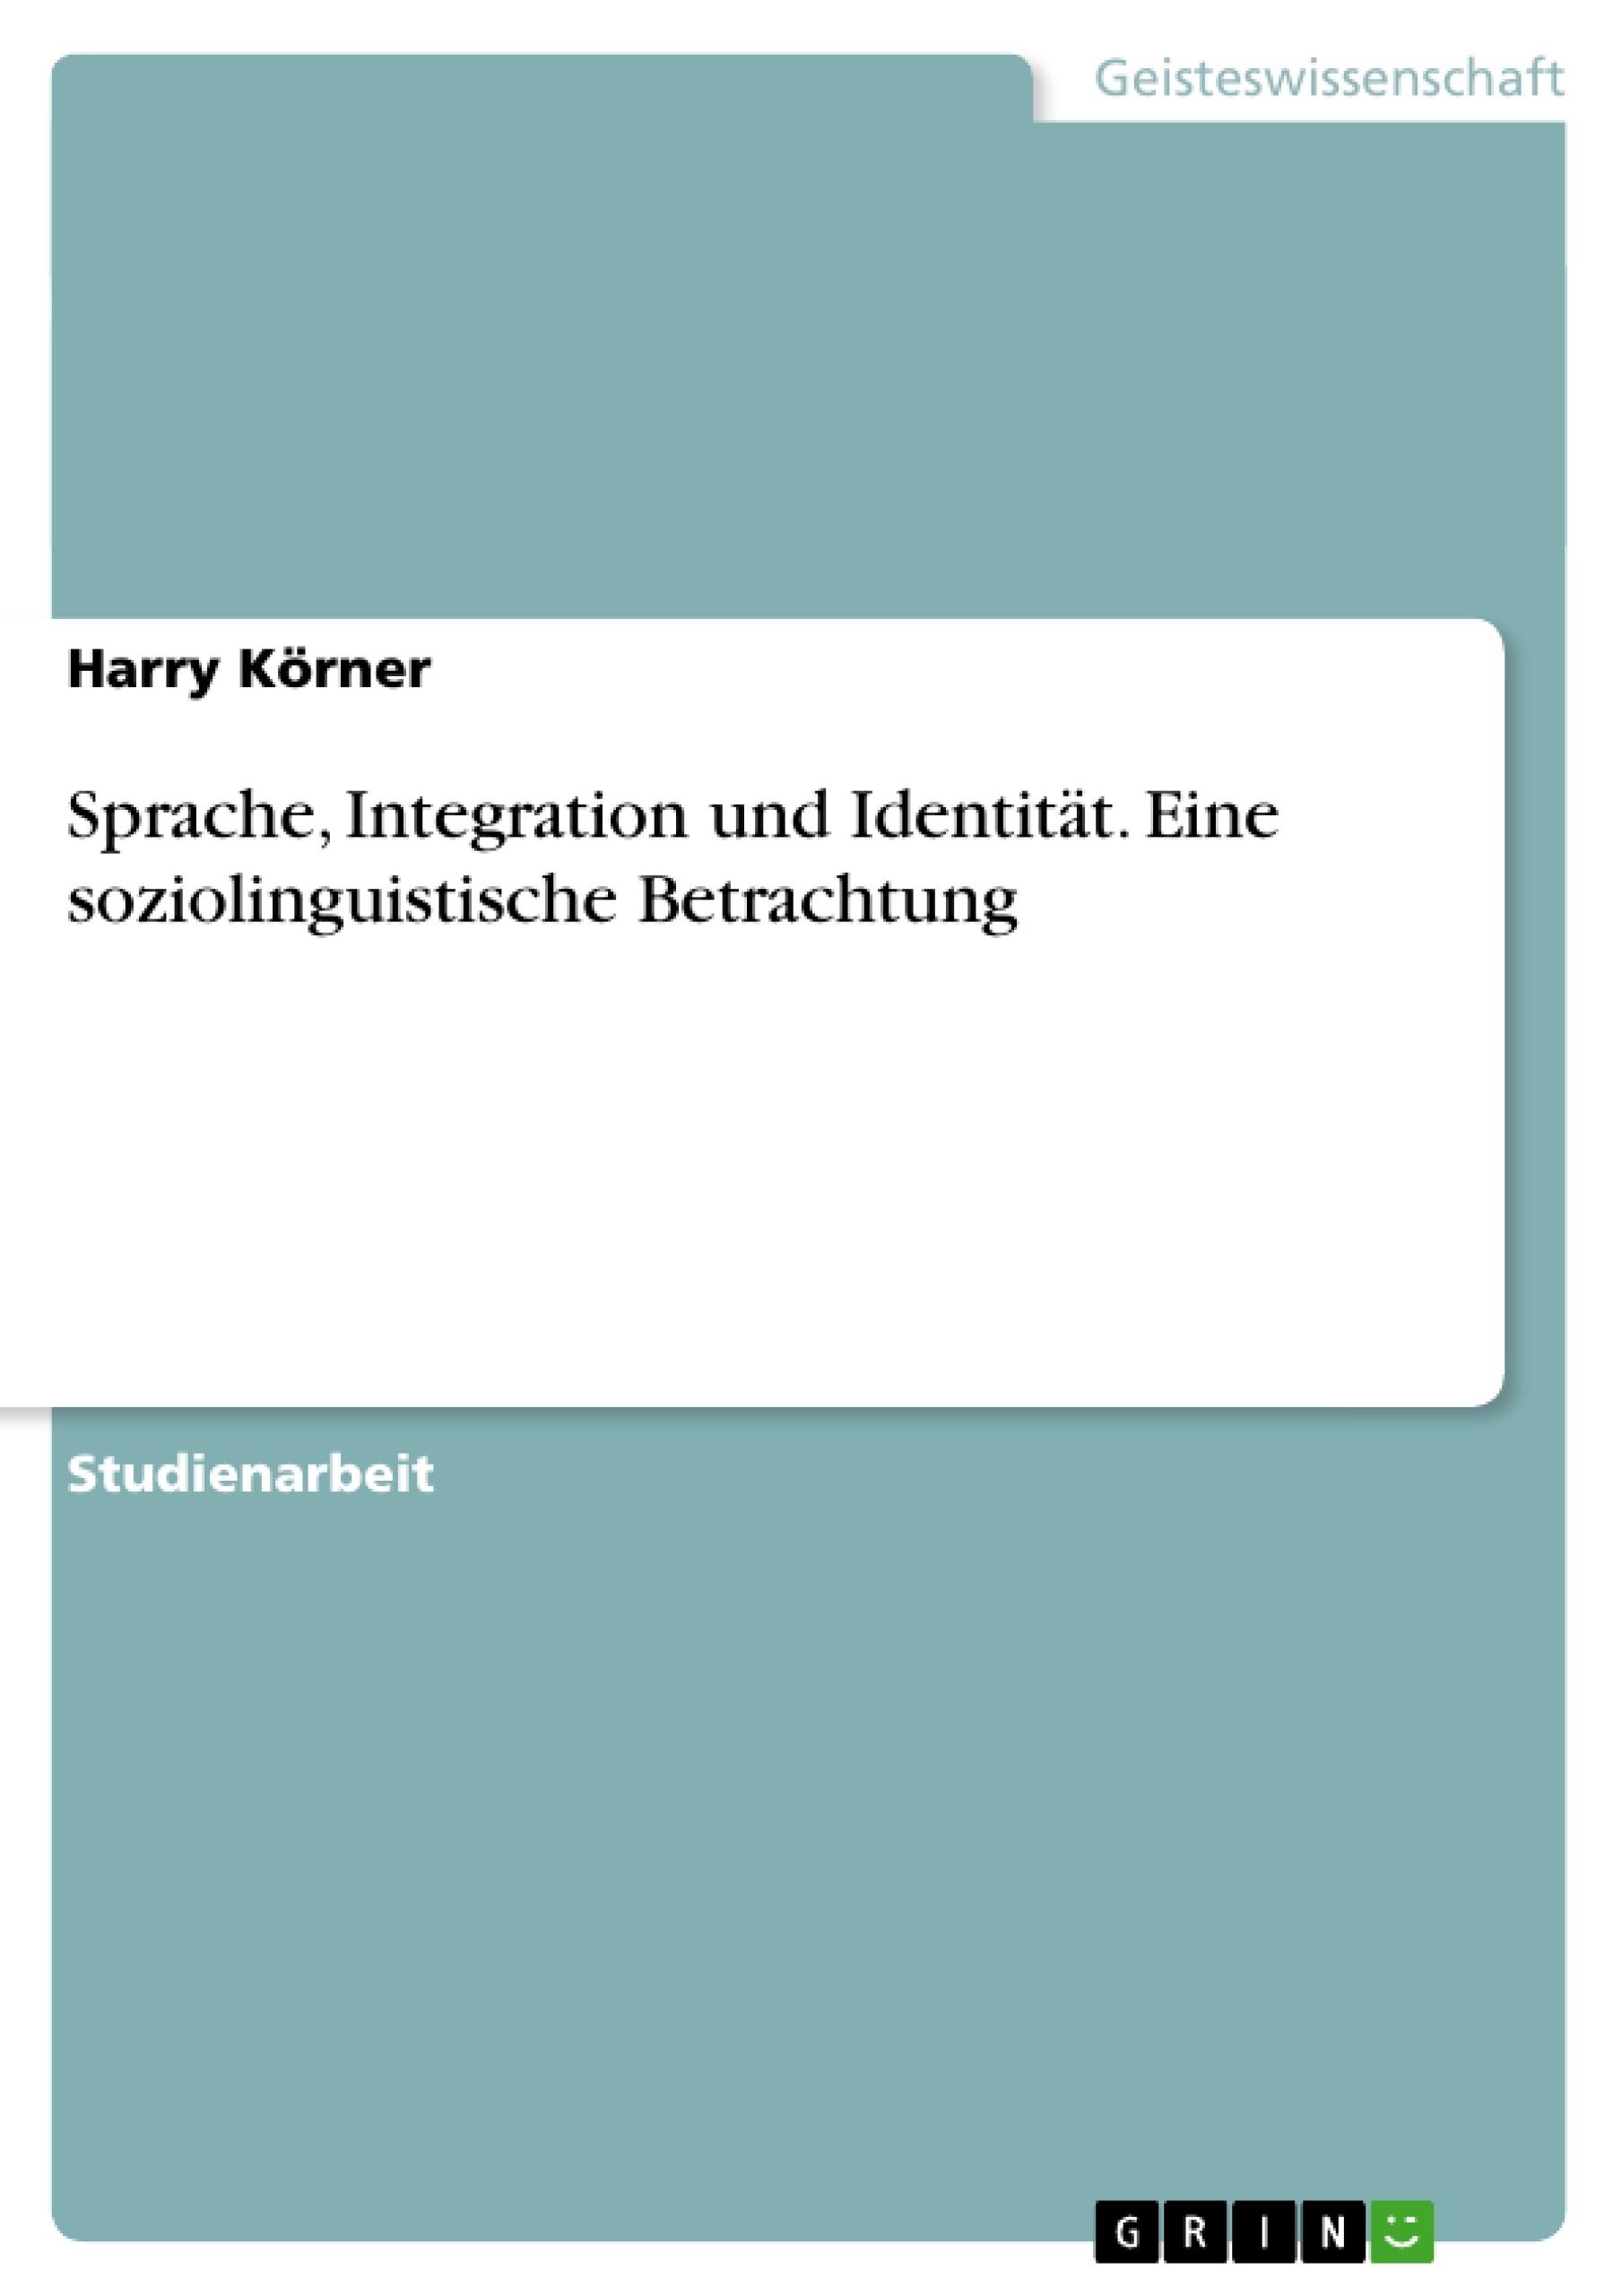 Titel: Sprache, Integration und Identität. Eine soziolinguistische Betrachtung